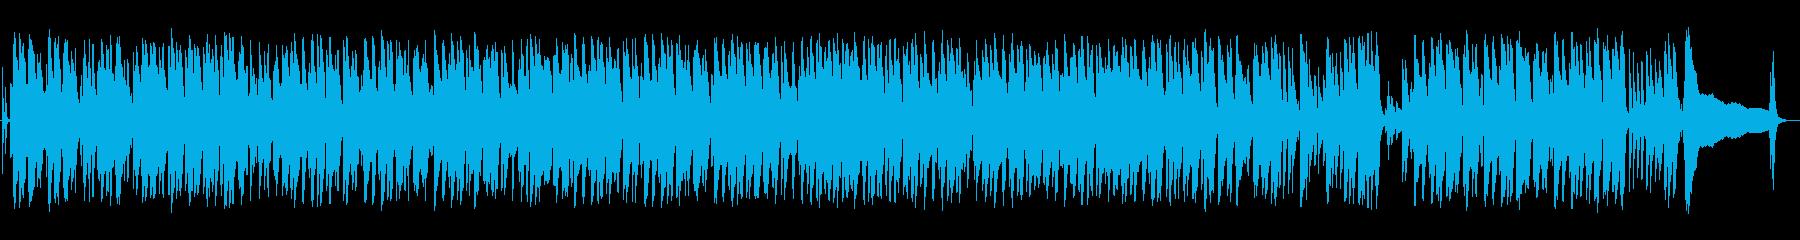 ウクレレの音が軽快なハワイアン音楽の再生済みの波形